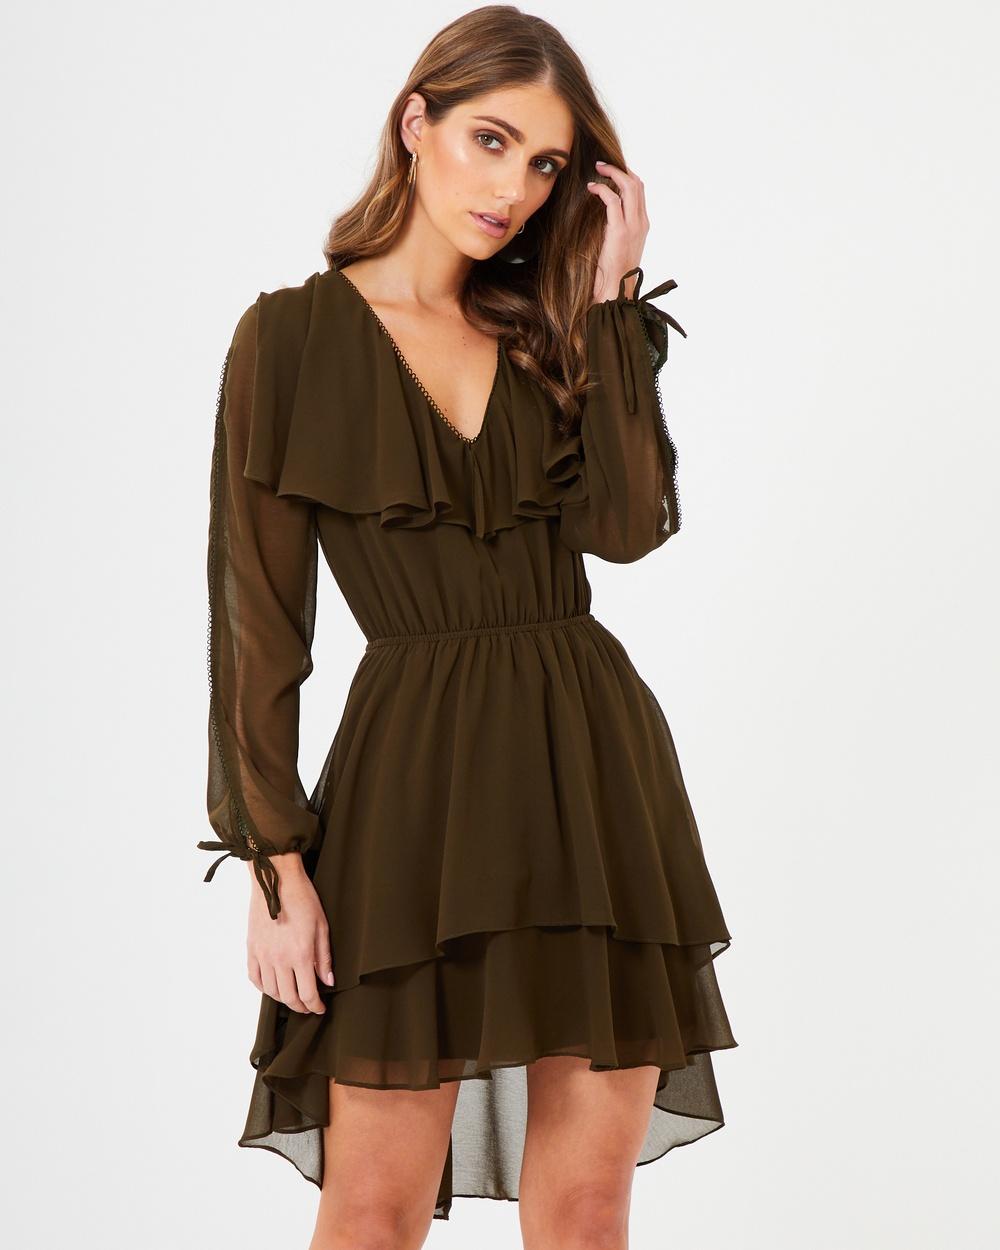 CHANCERY Alison Ruffle Dress Dresses Khaki Alison Ruffle Dress